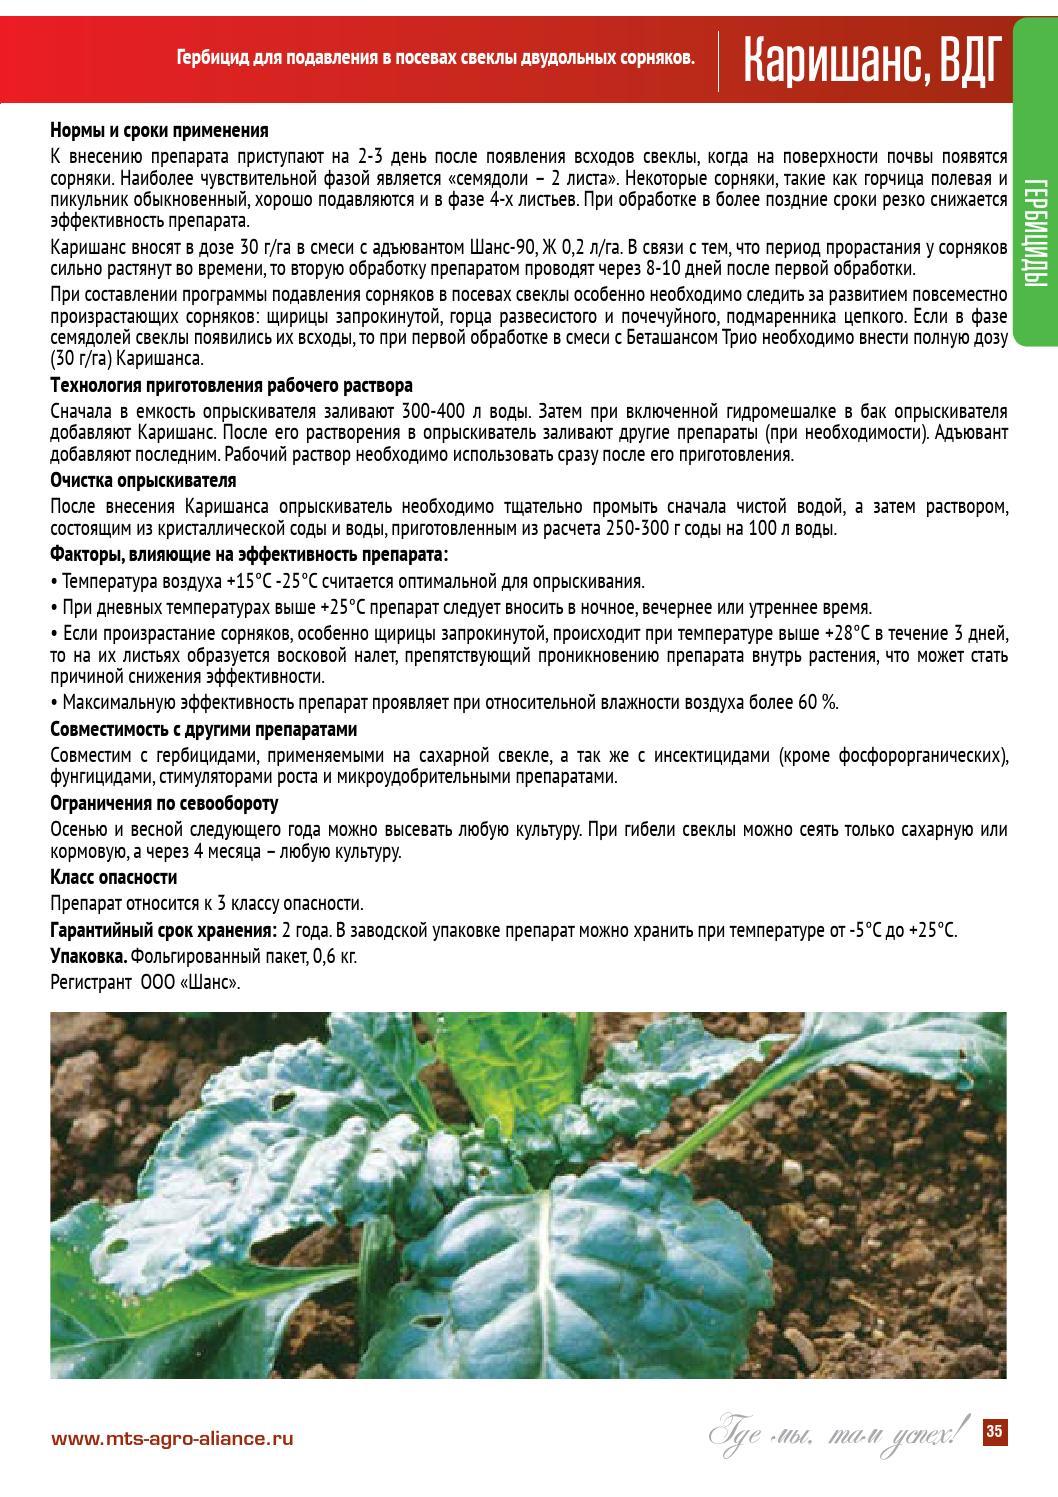 Инструкция по применению и спектр действия гербицидов, разновидности и описание лучших